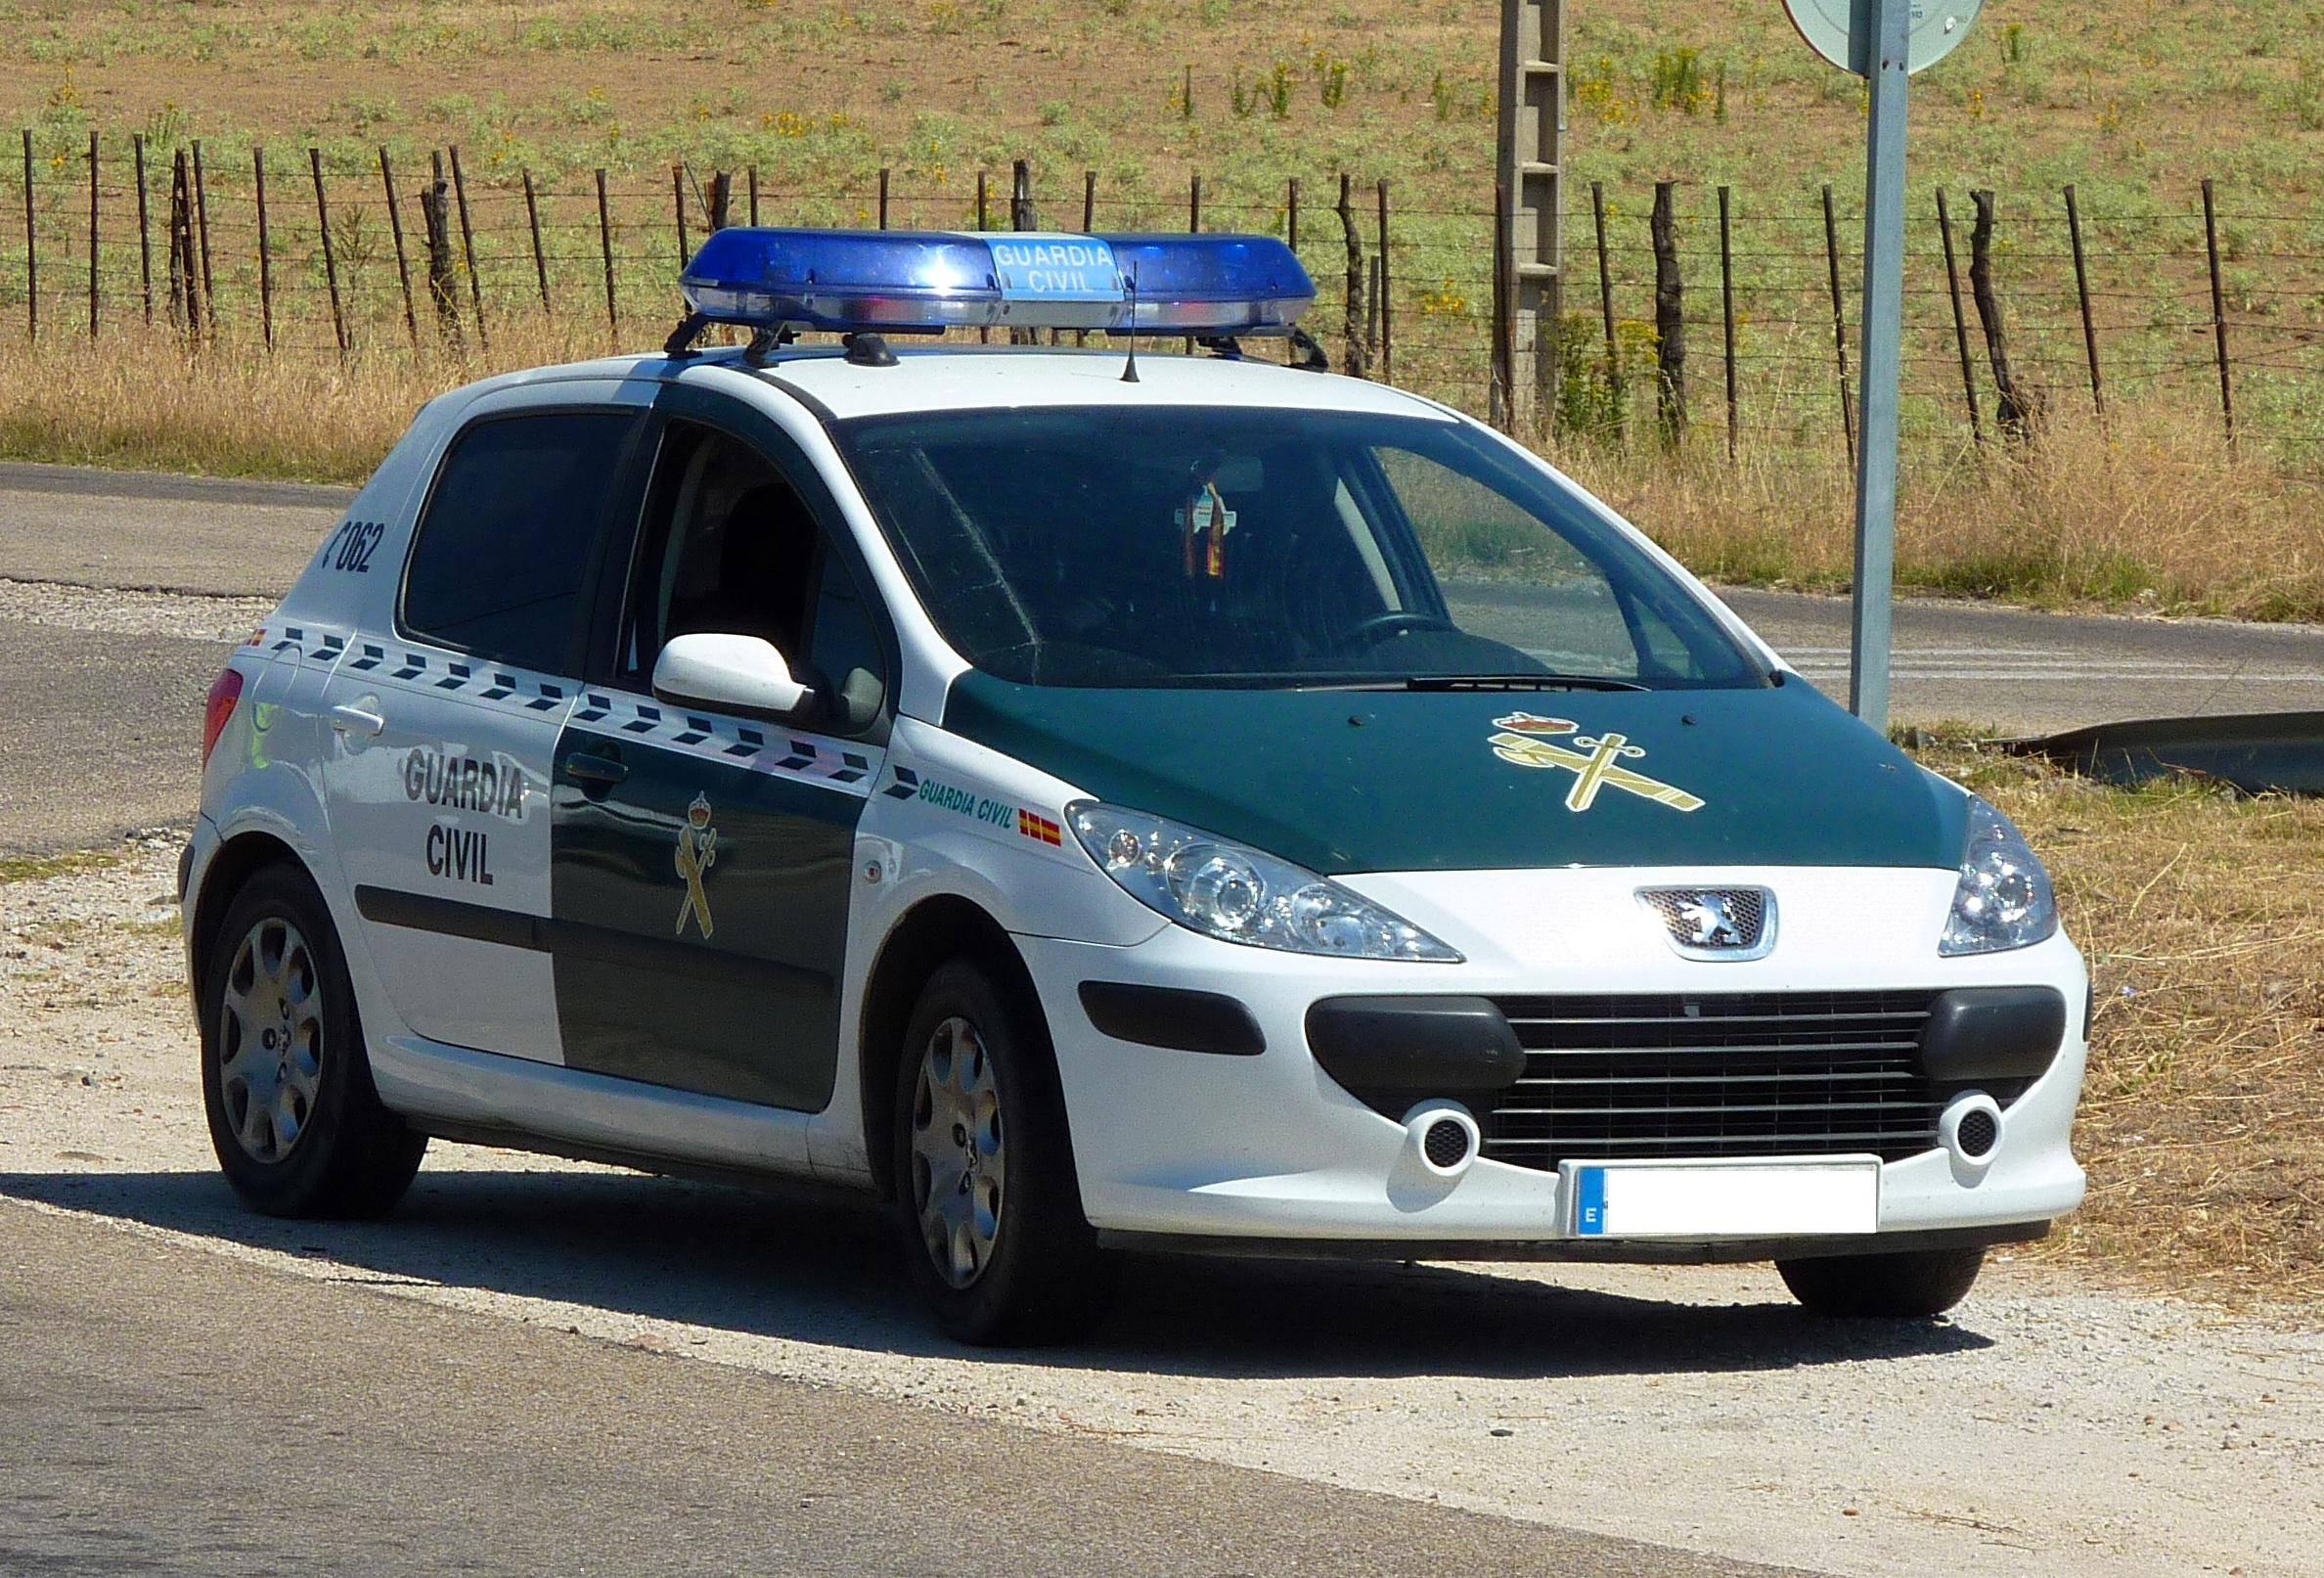 La Guardia Civil alerta al Ayuntamiento de Cantalpino sobre una nueva estafa